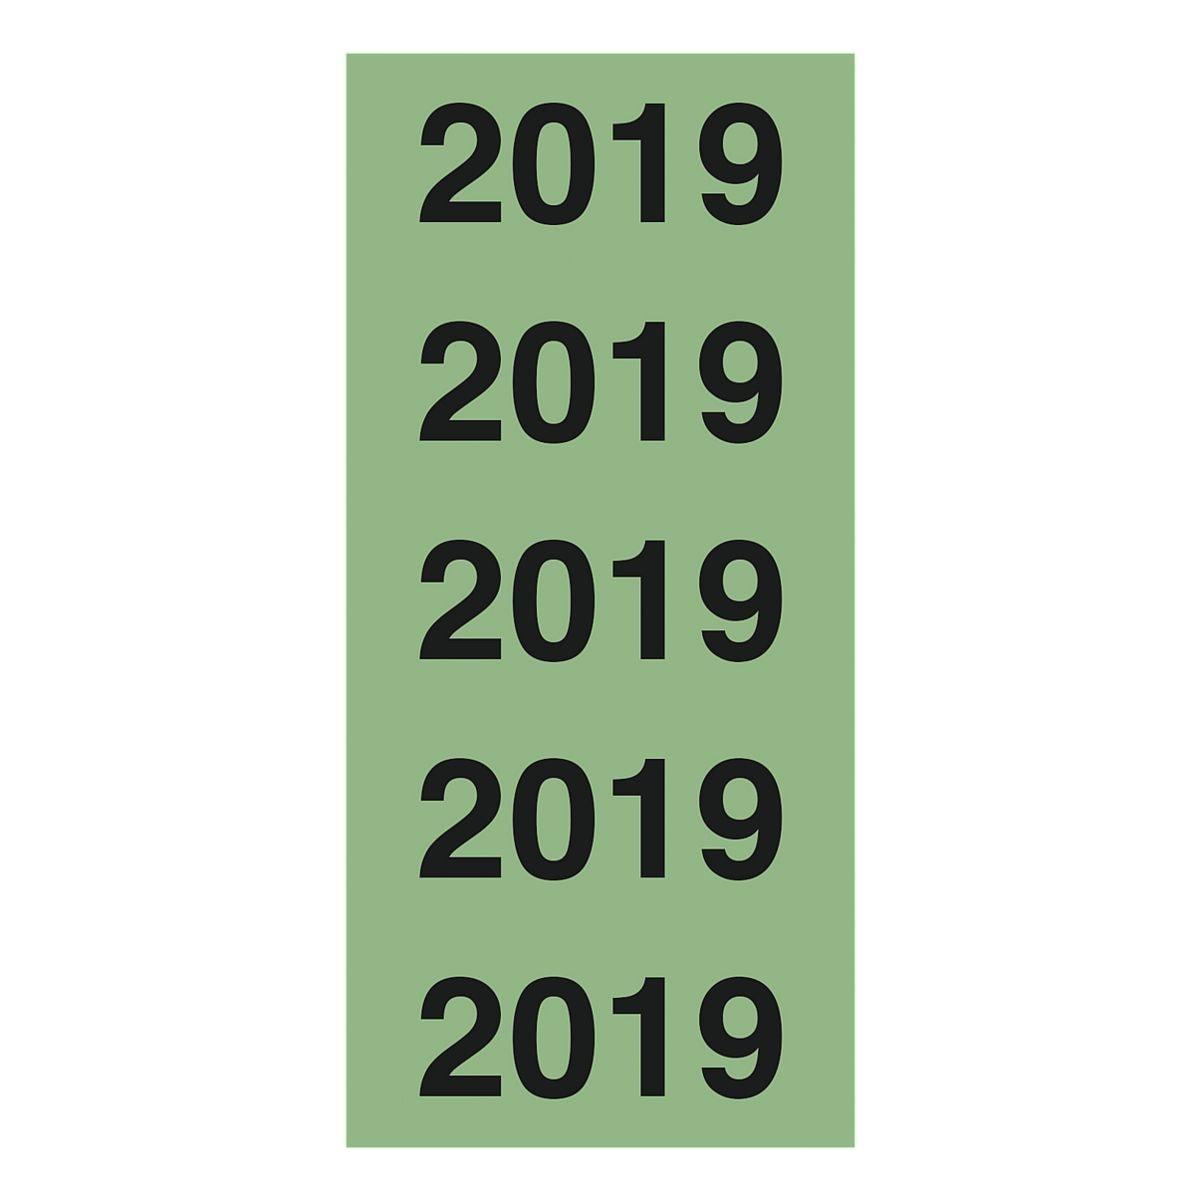 OTTO Office Selbstklebende Inhaltsschilder »Jahreszahlen 2019«